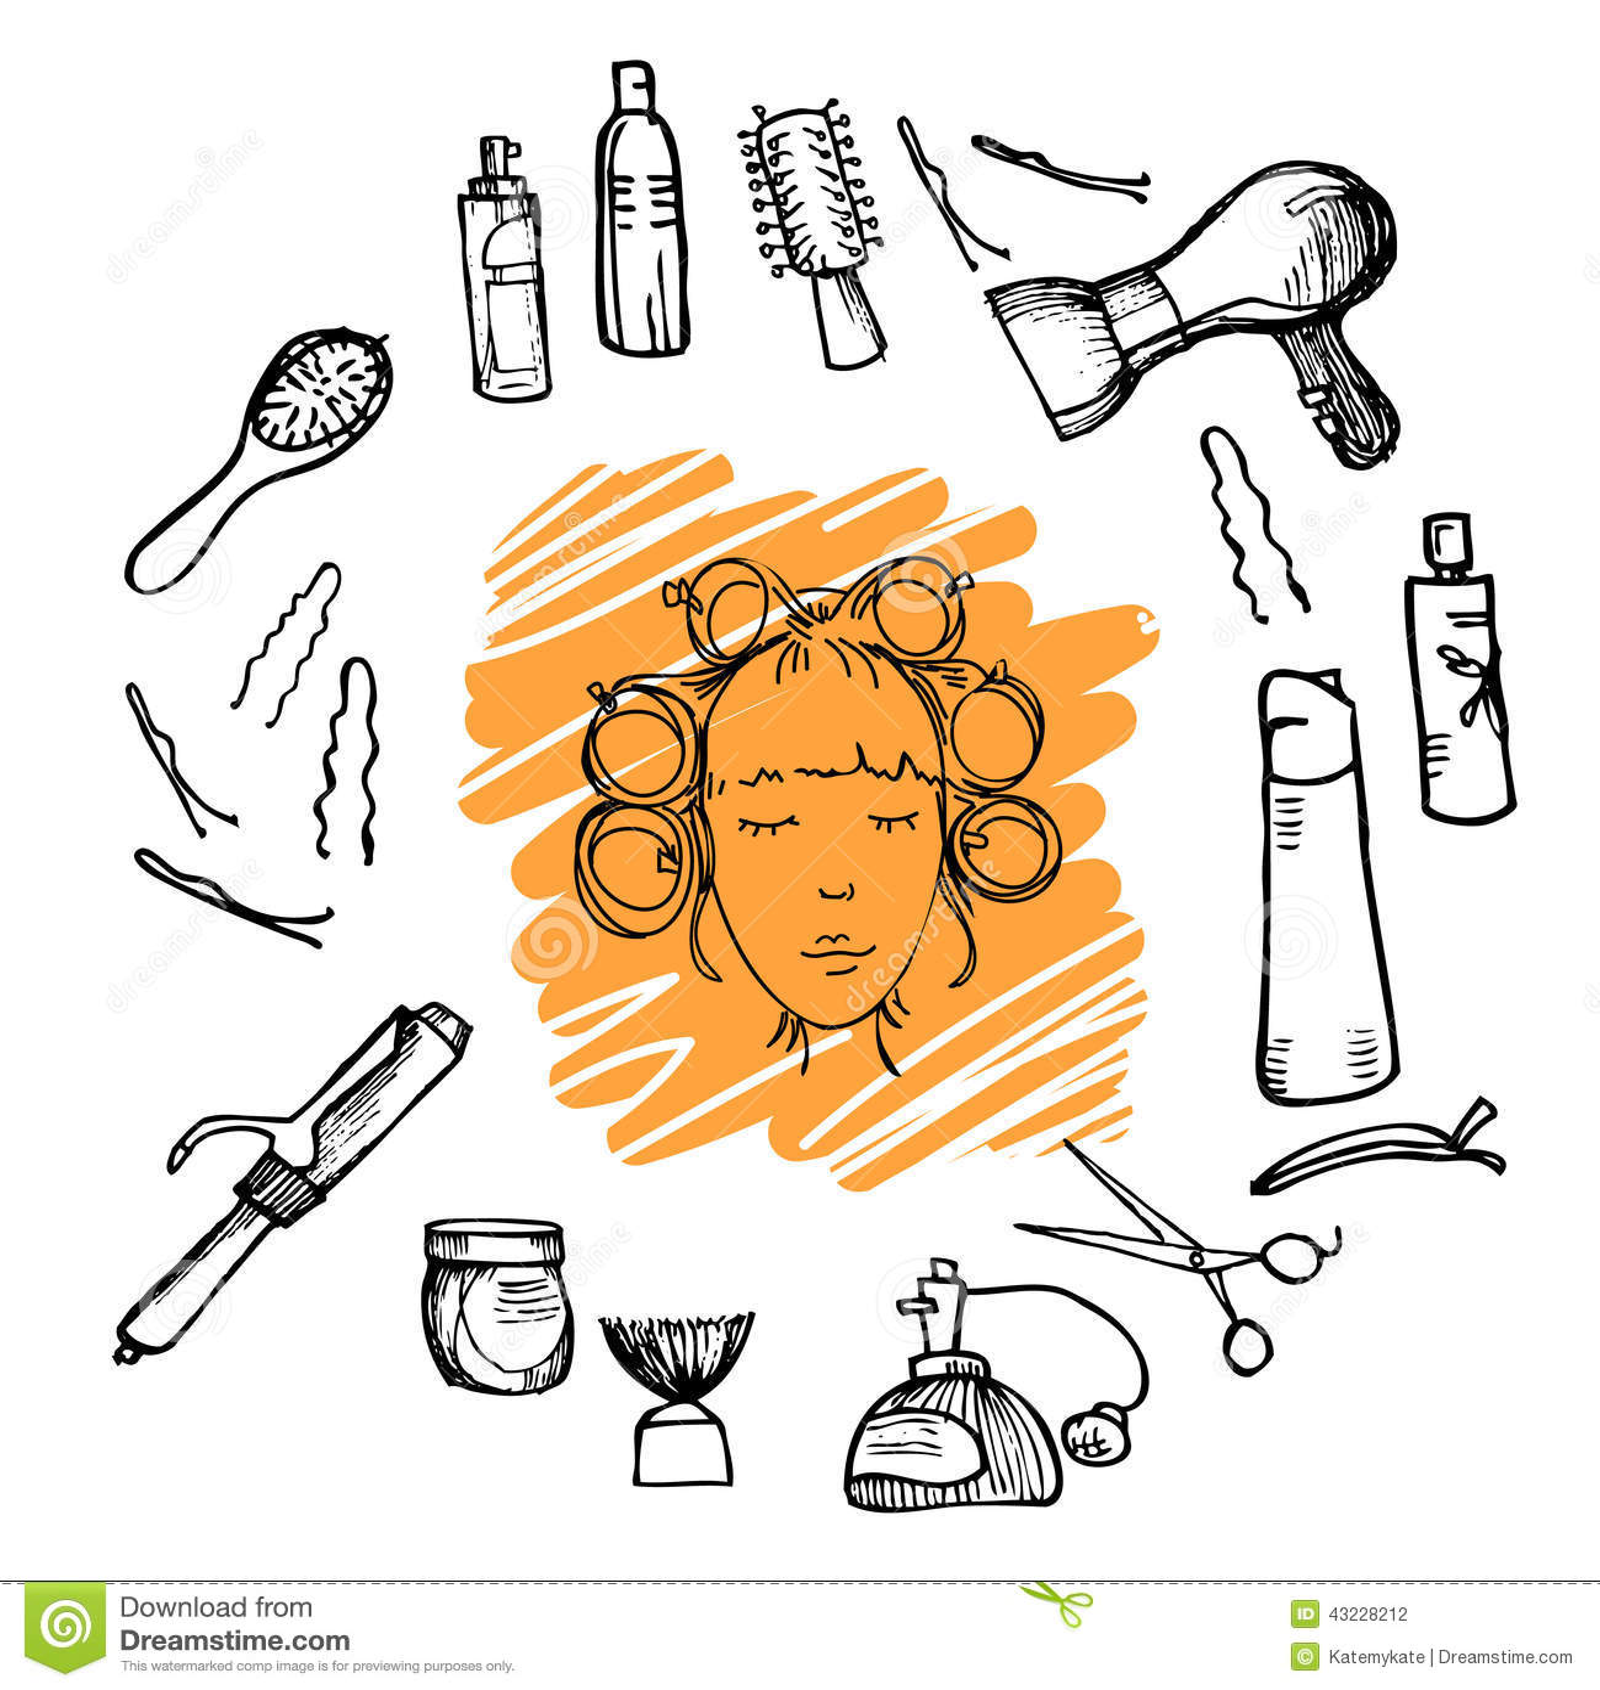 Illustrazione disegnata a mano - strumenti di lavoro di parrucchiere (forbici, pettini, disegnanti) e donna con i rulli dei capel